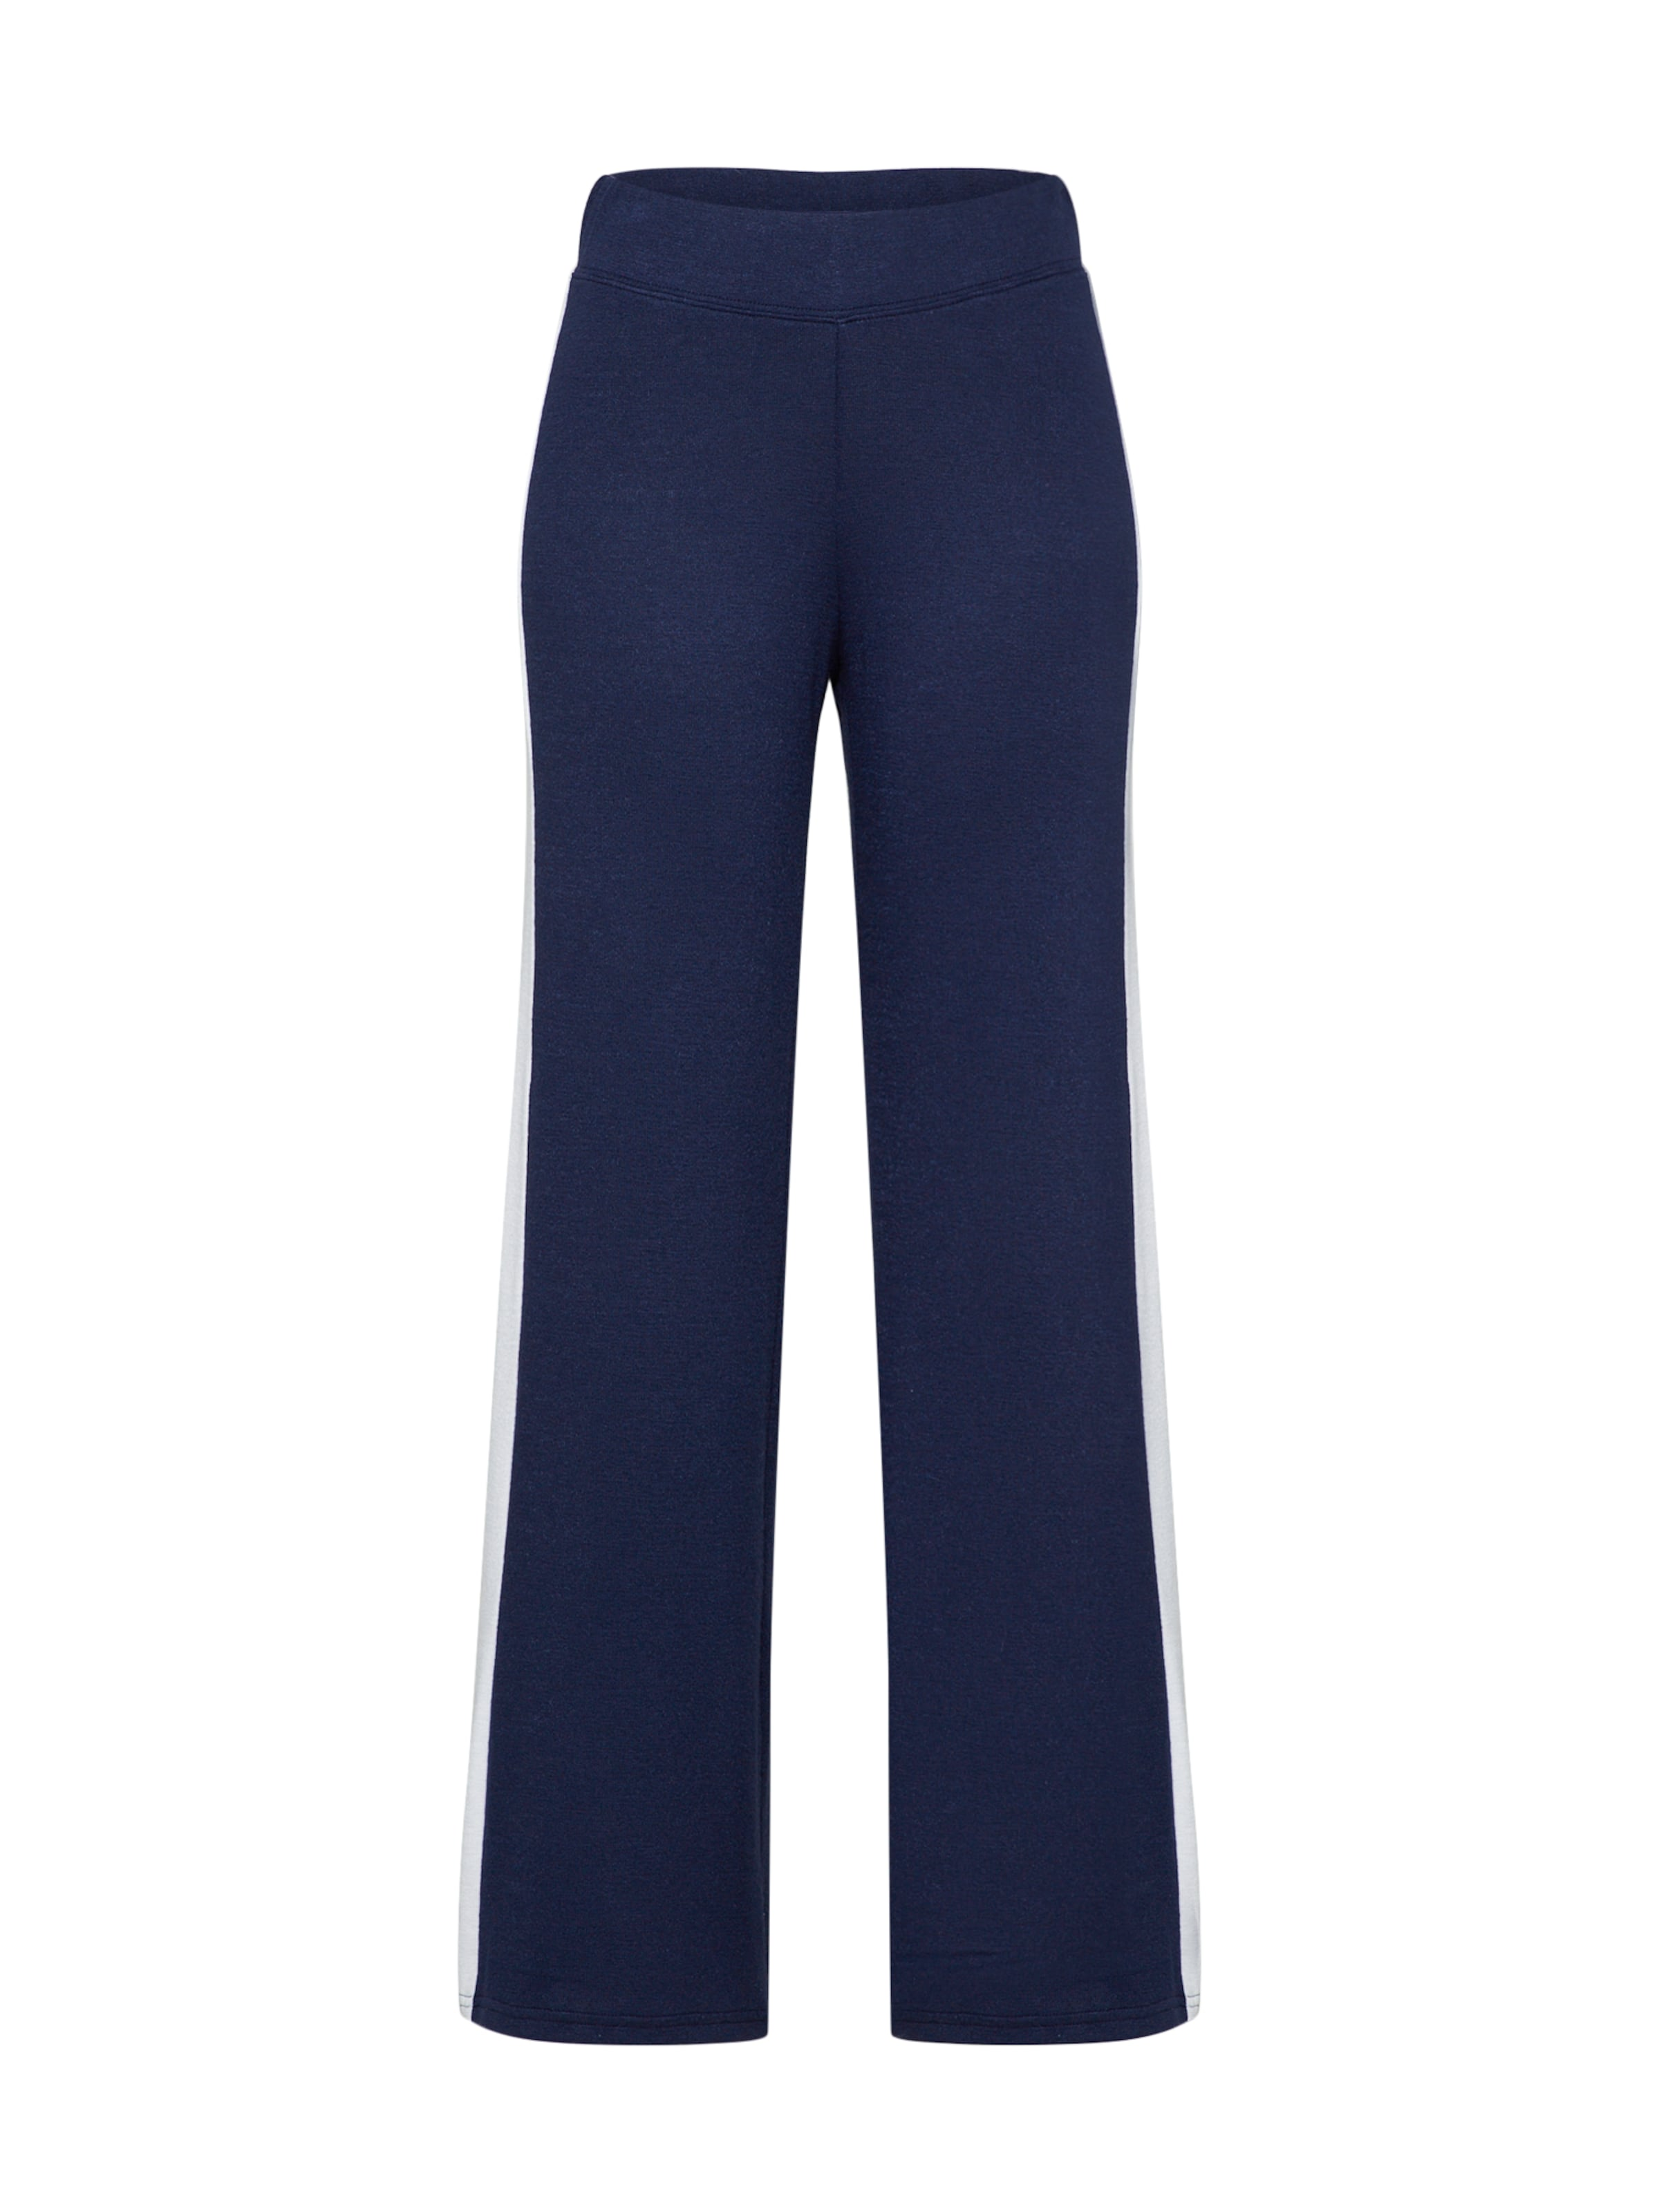 En En Gap Pantalon Pantalon Bleu Gap Marine m6gvf7IbYy